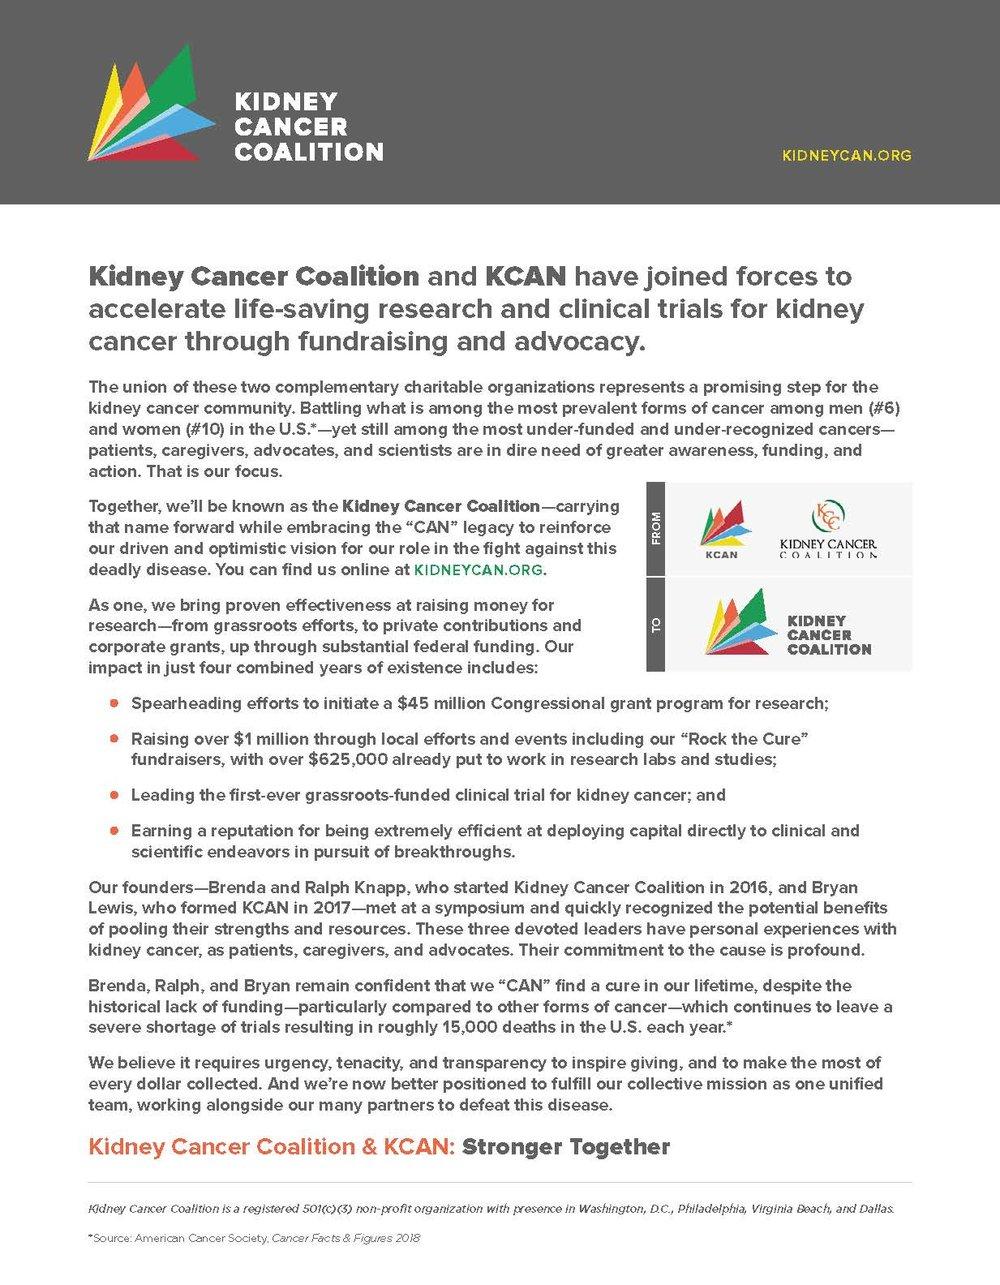 Kidney Cancer Coalition — Stronger Together (v2b) (1) (1).jpg